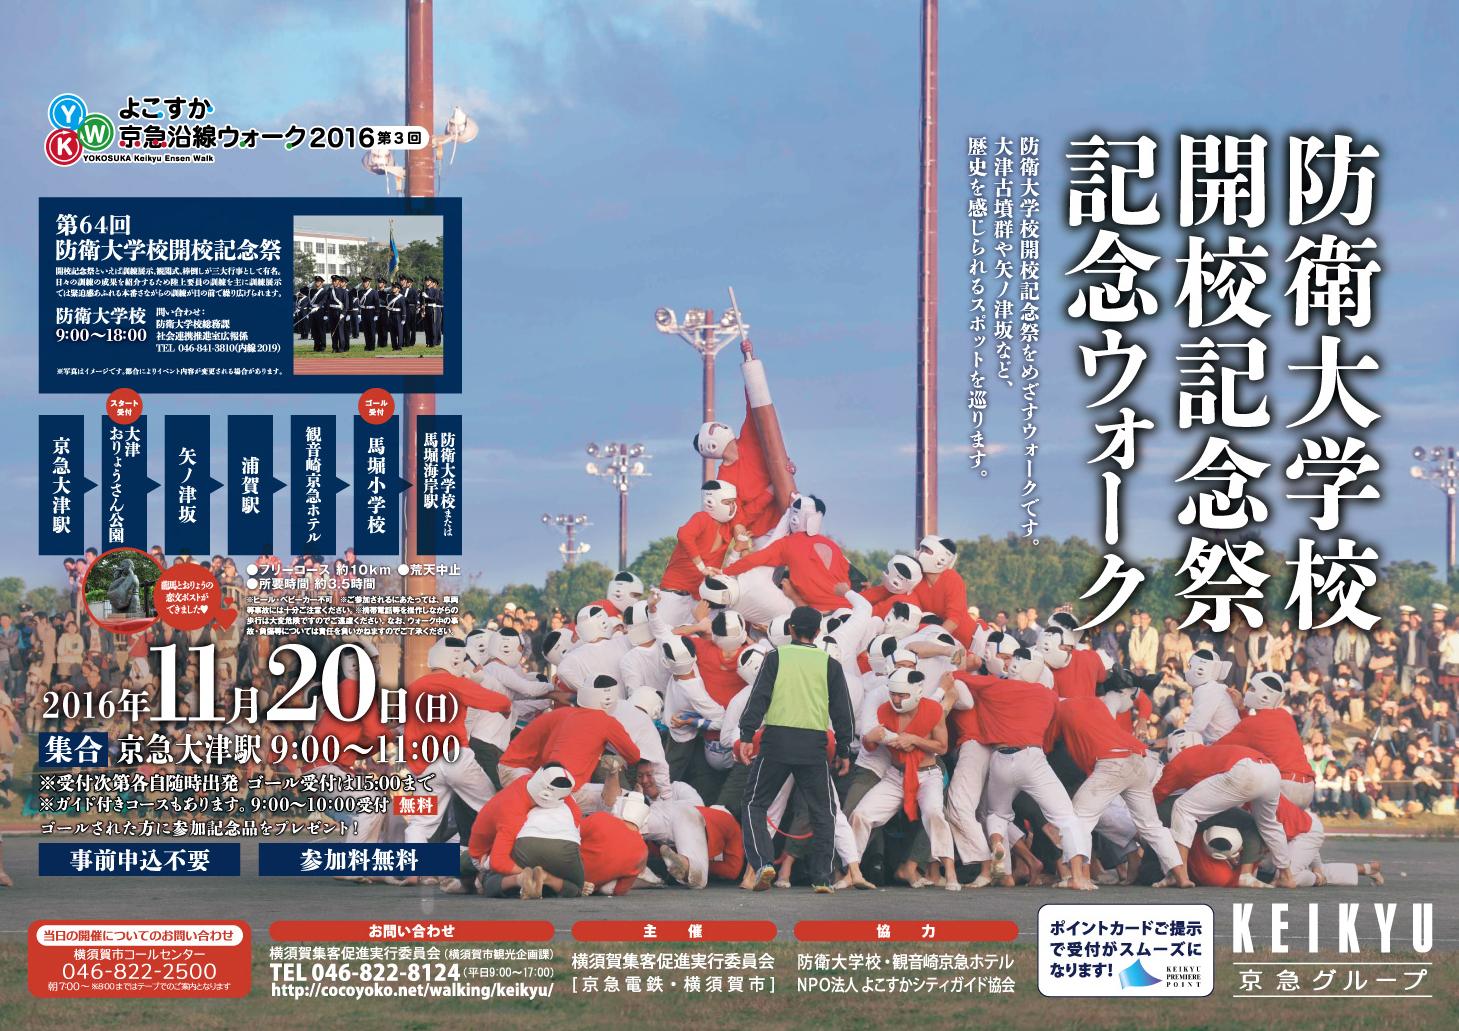 2016年度【第3回】「防衛大学校開校記念祭」記念ウォーク